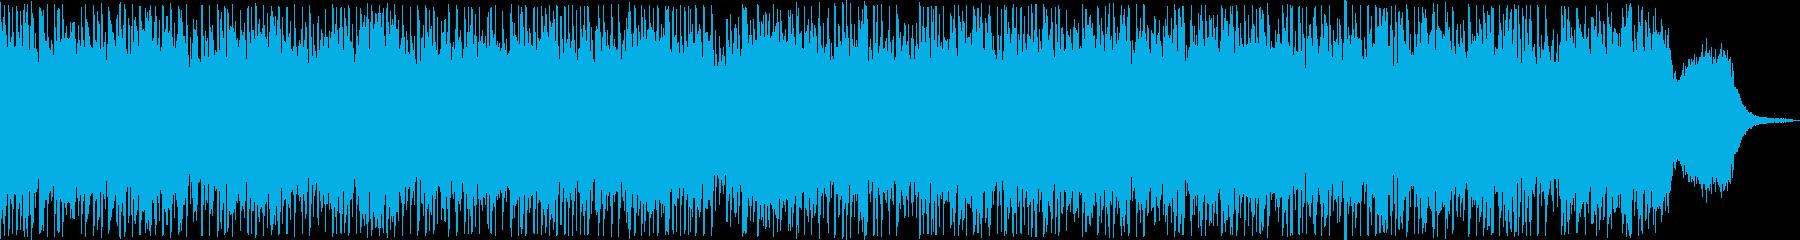 川のせせらぎ、大自然を感じられる曲の再生済みの波形